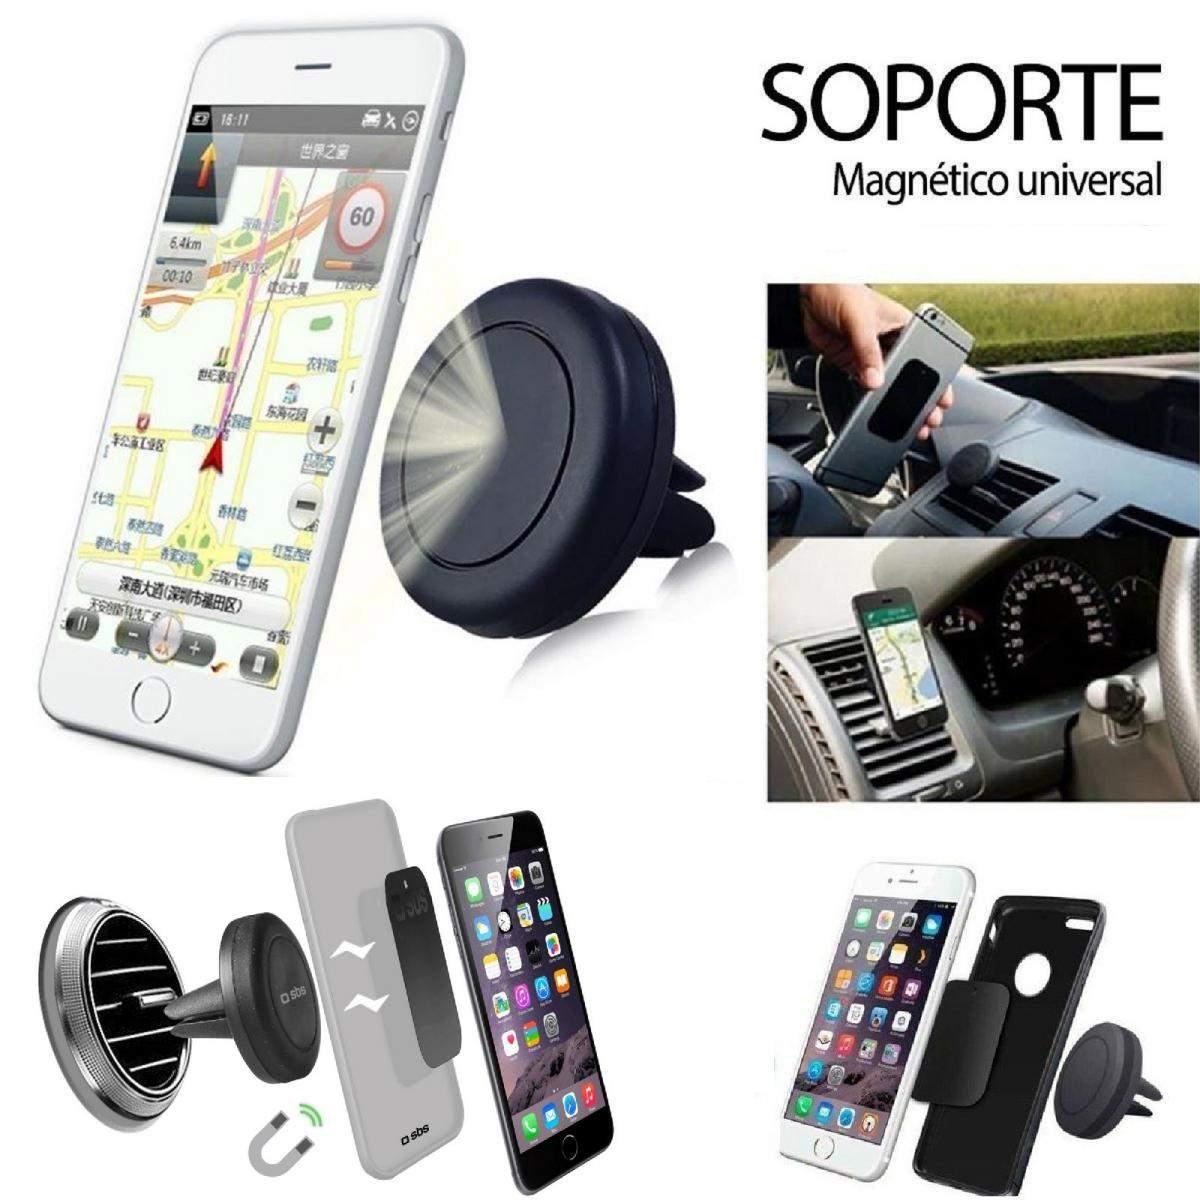 Soporte Magnetico De Telefono Movil Universal Para Coche Rejilla